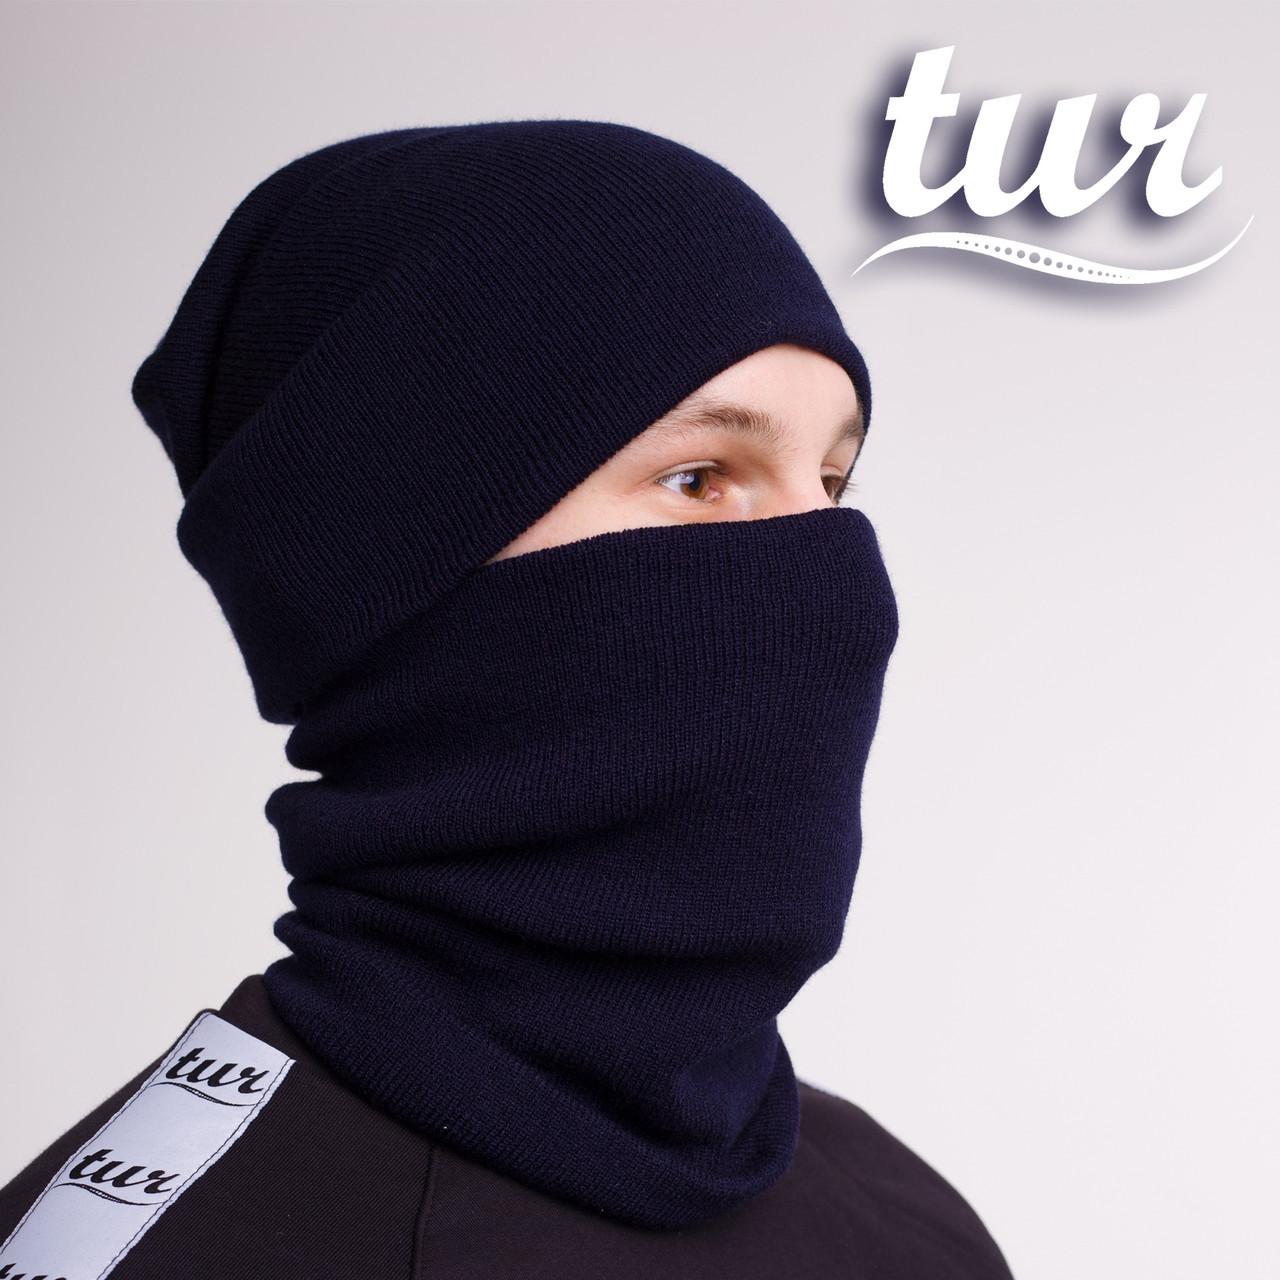 Зимова шапка синя унісекс Бран ( Bran ) від бренду ТУР OVERSIZE